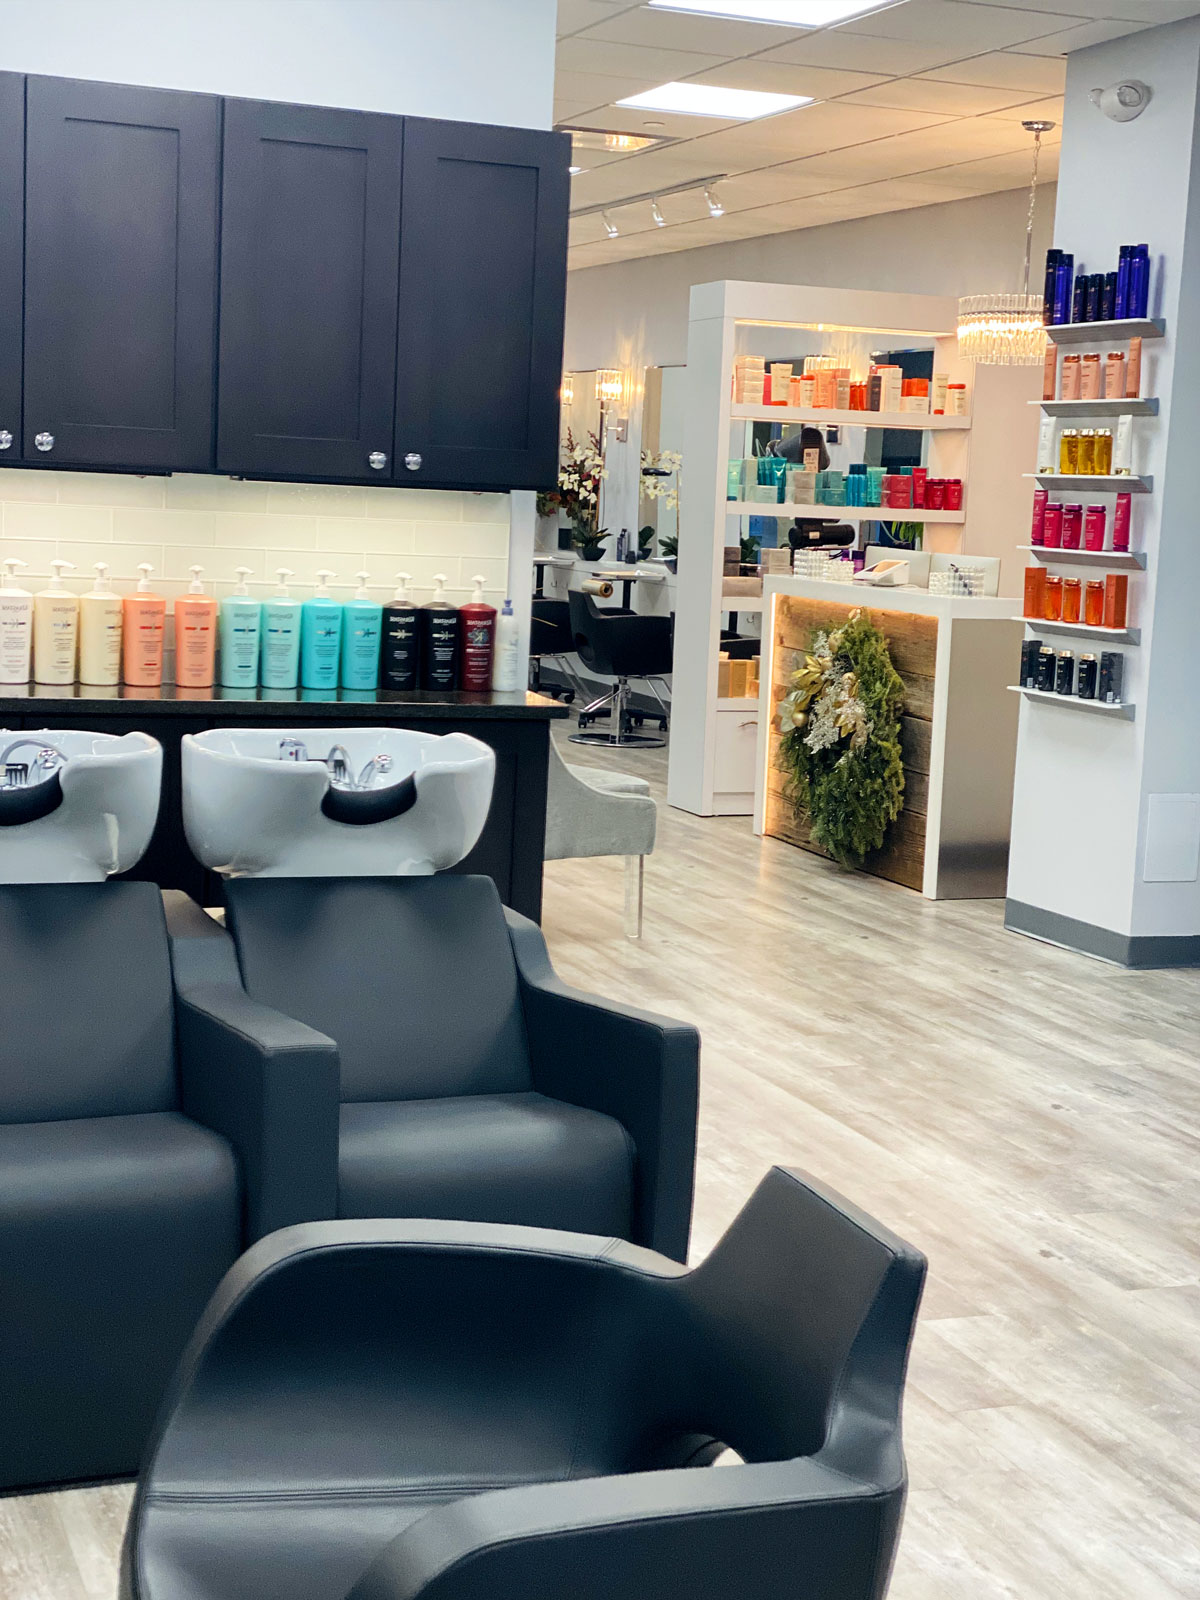 Julia's Salon & Company - Darien Ct